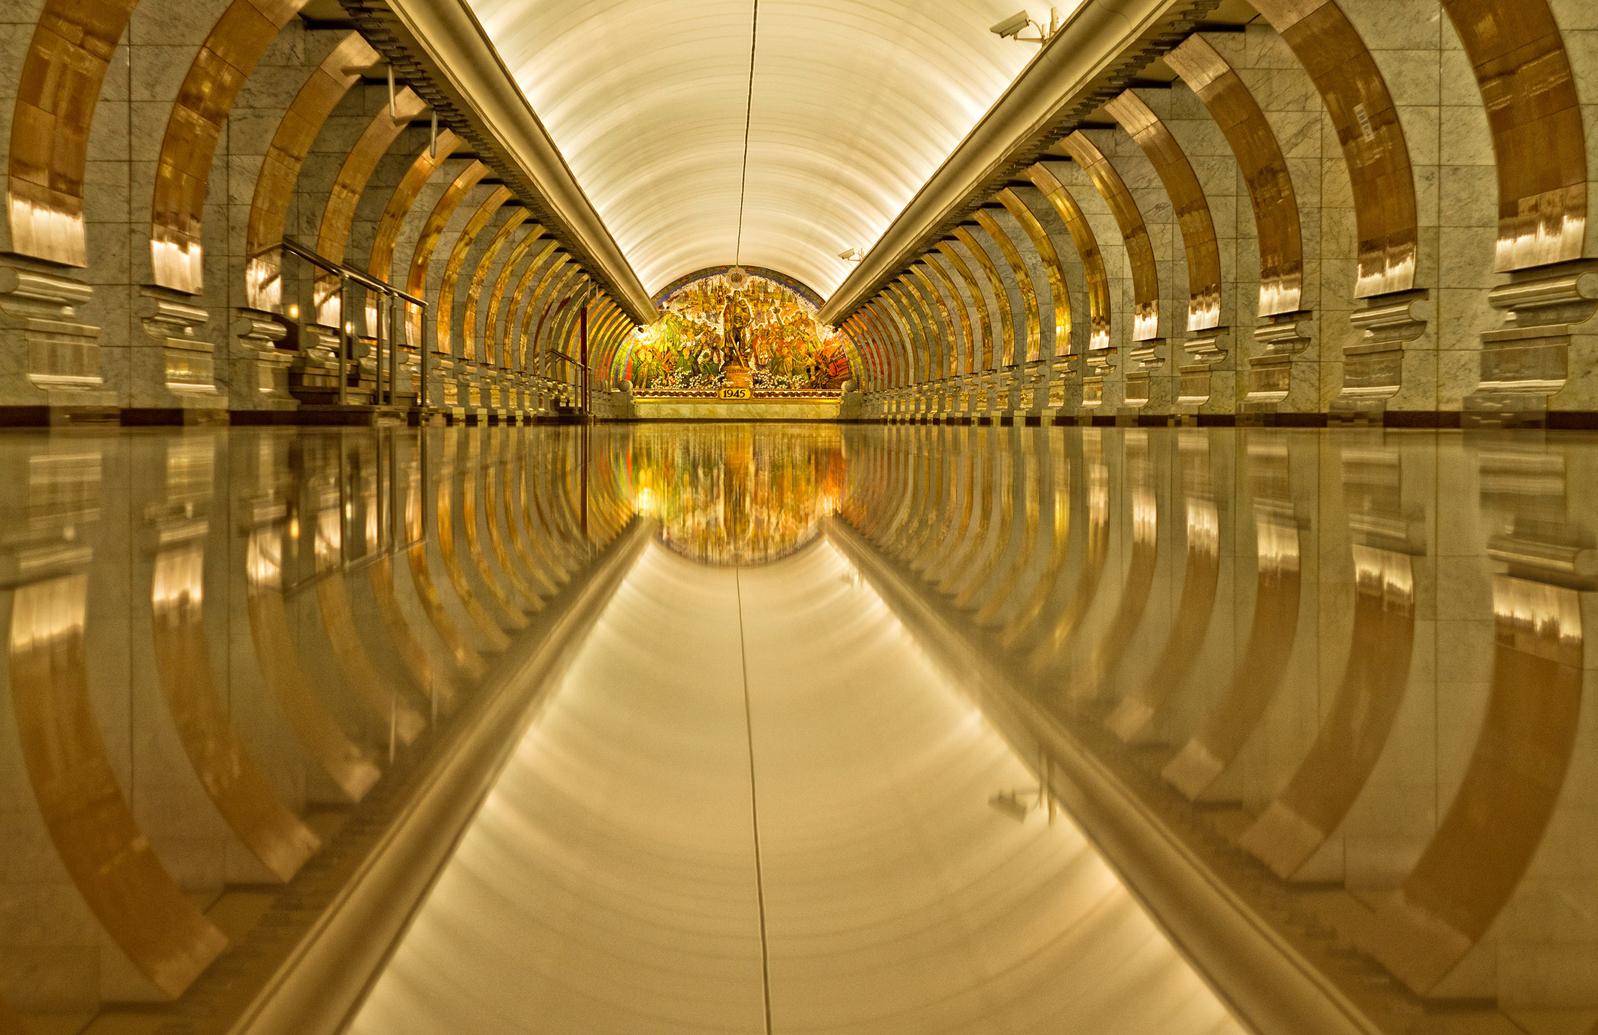 Samye-krasivye-stantsii-metro 6